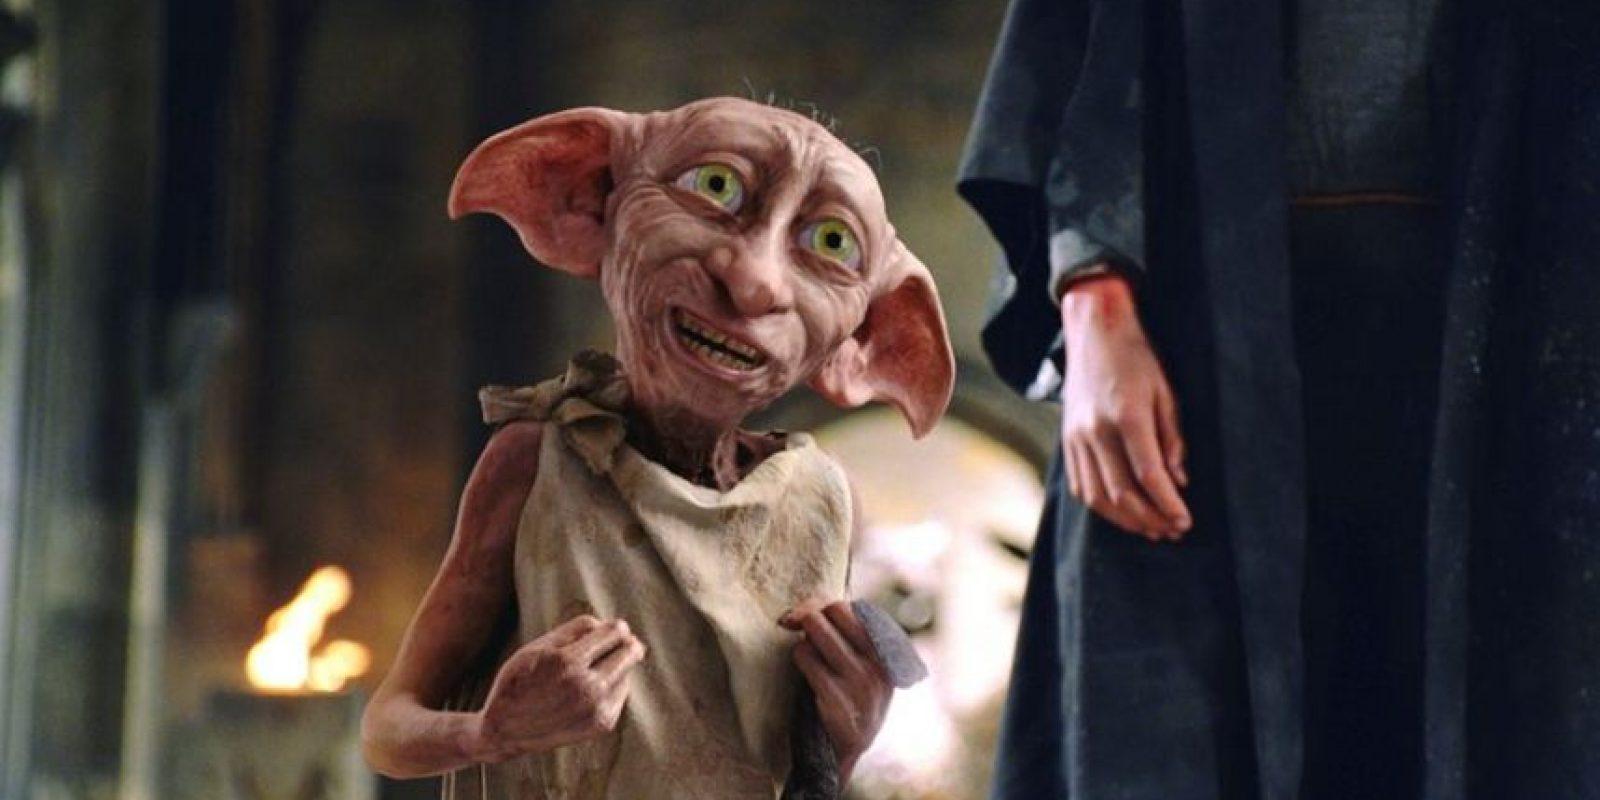 Fue escrito por Newt Scamander, un experto en criaturas mágicas. Foto:Facebook/Harry Potter